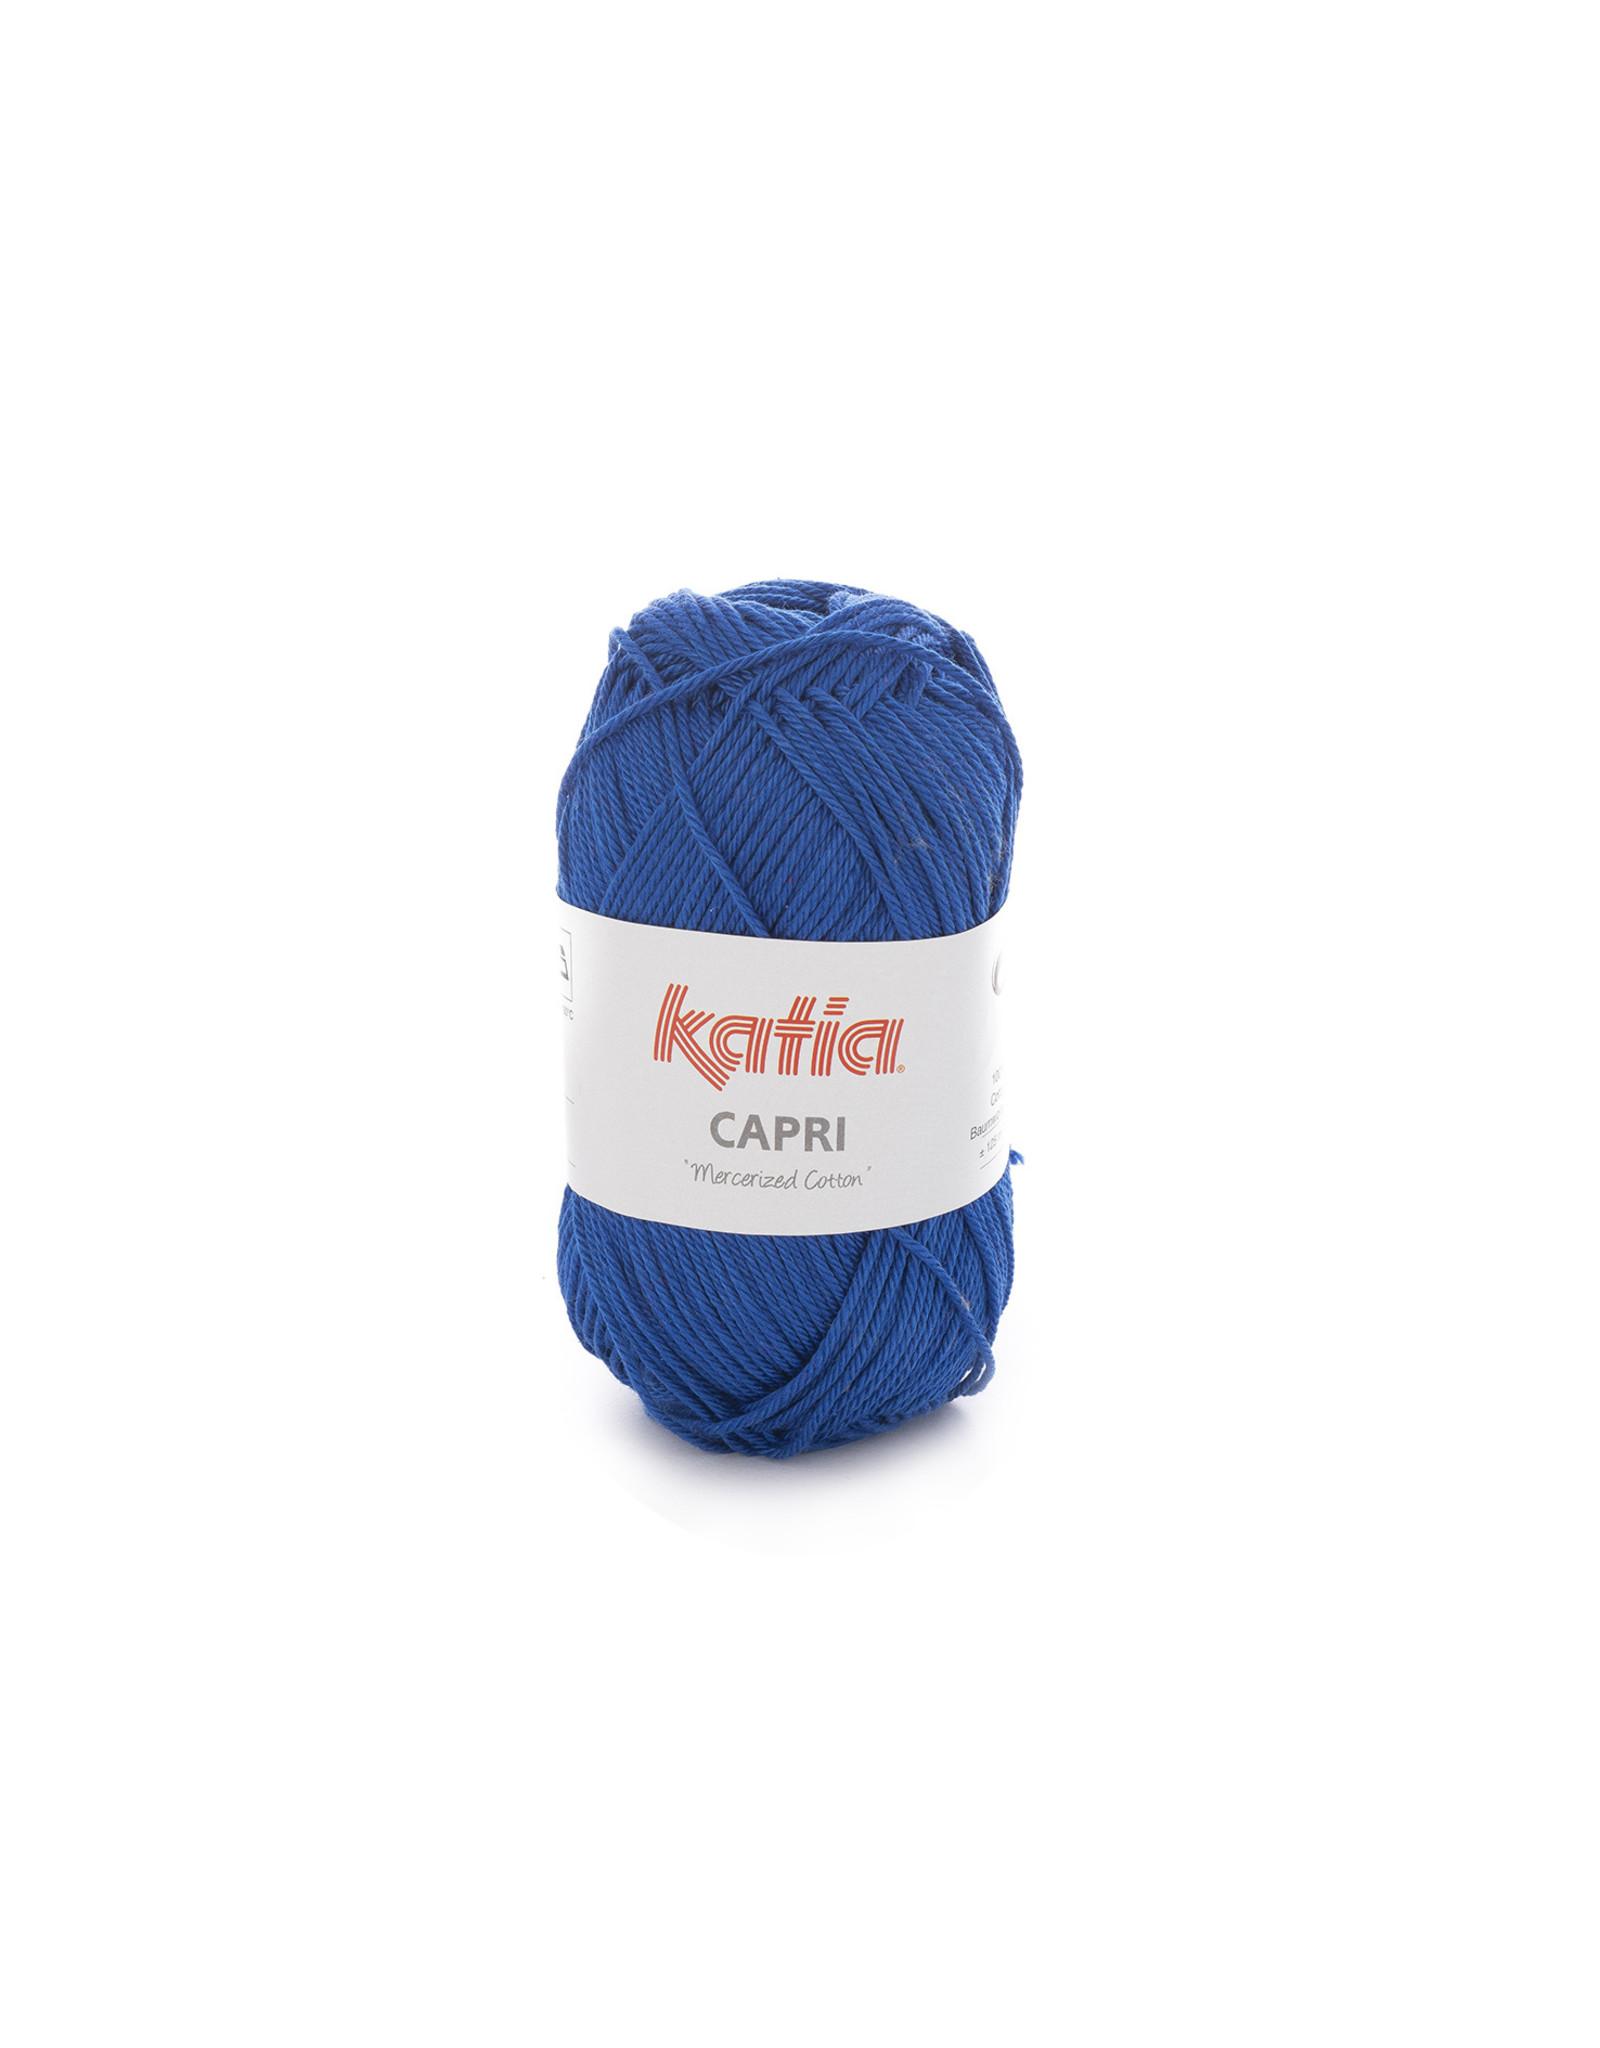 Katia Katia Capri - kleur 146 Nachtblauw - bundel 5 x 50 gr. / 125 m. - 100% katoen